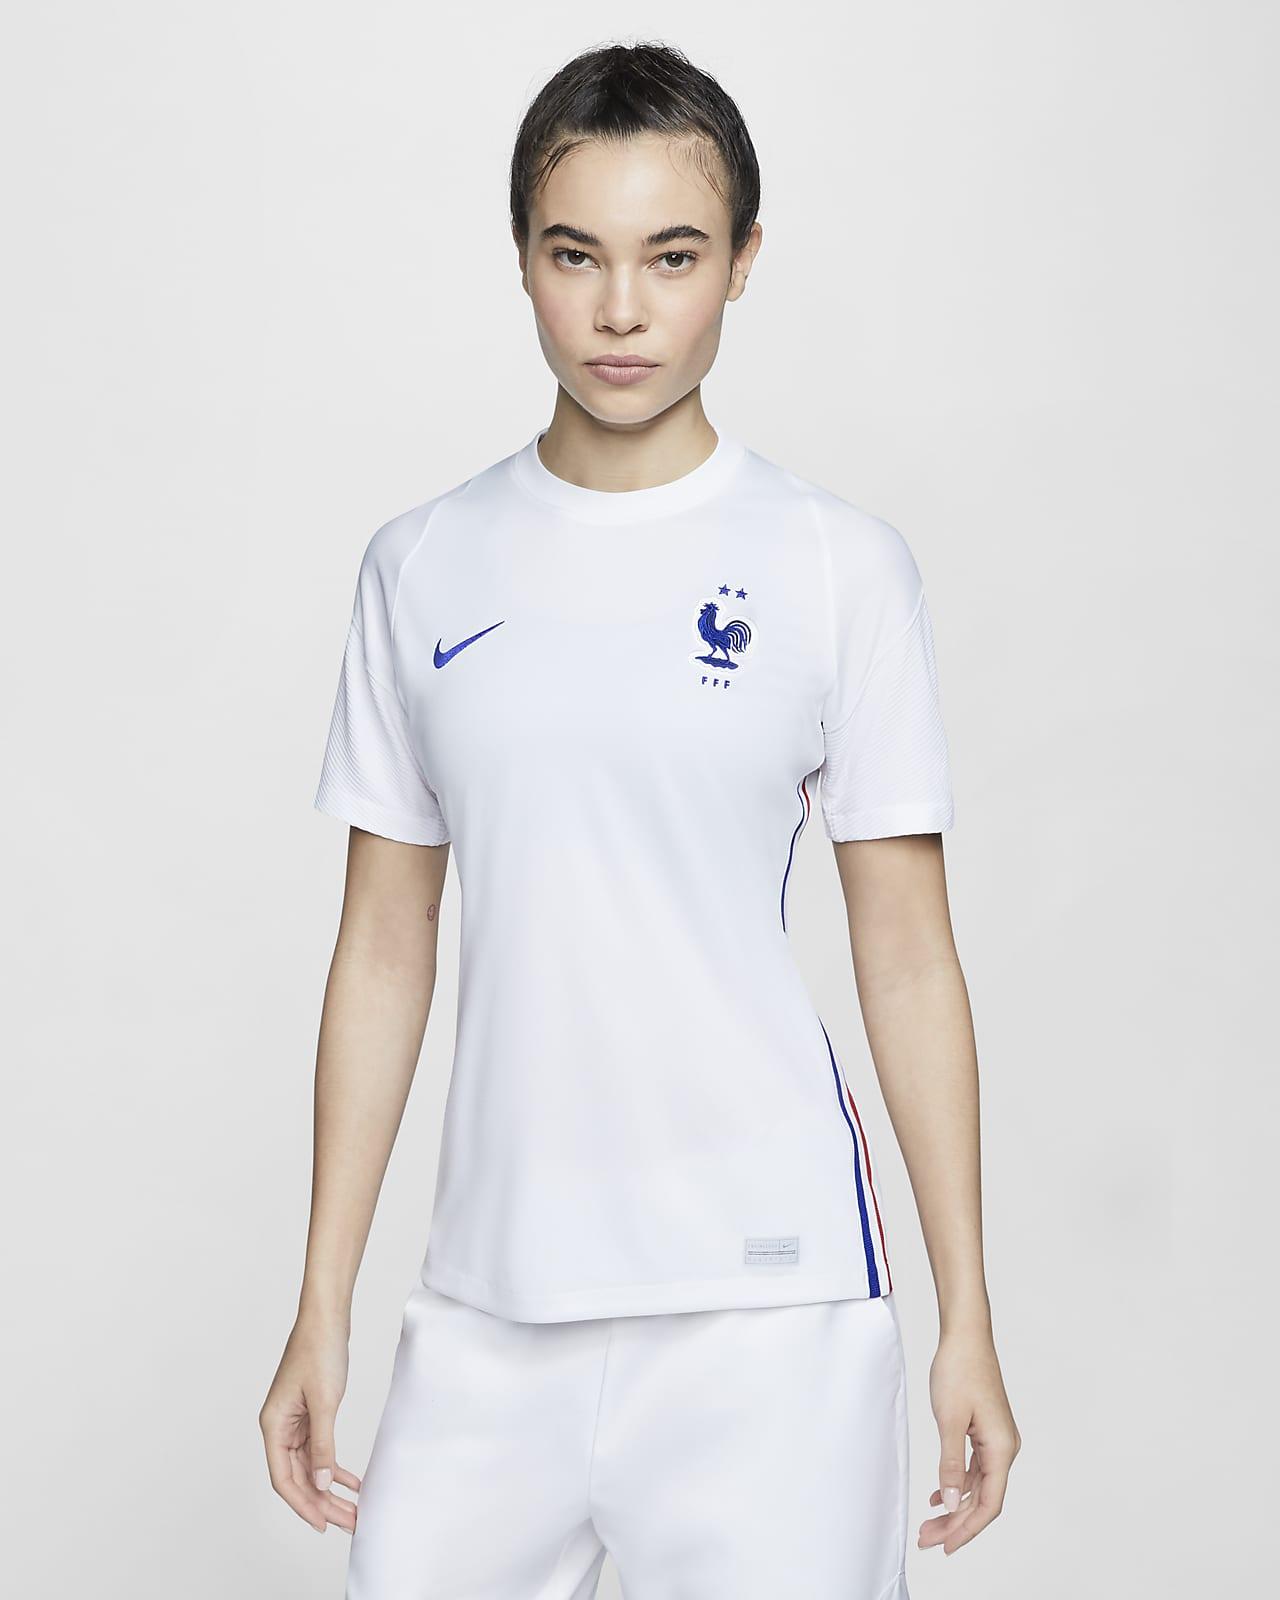 FFF 2020 Stadium Away Women's Football Shirt